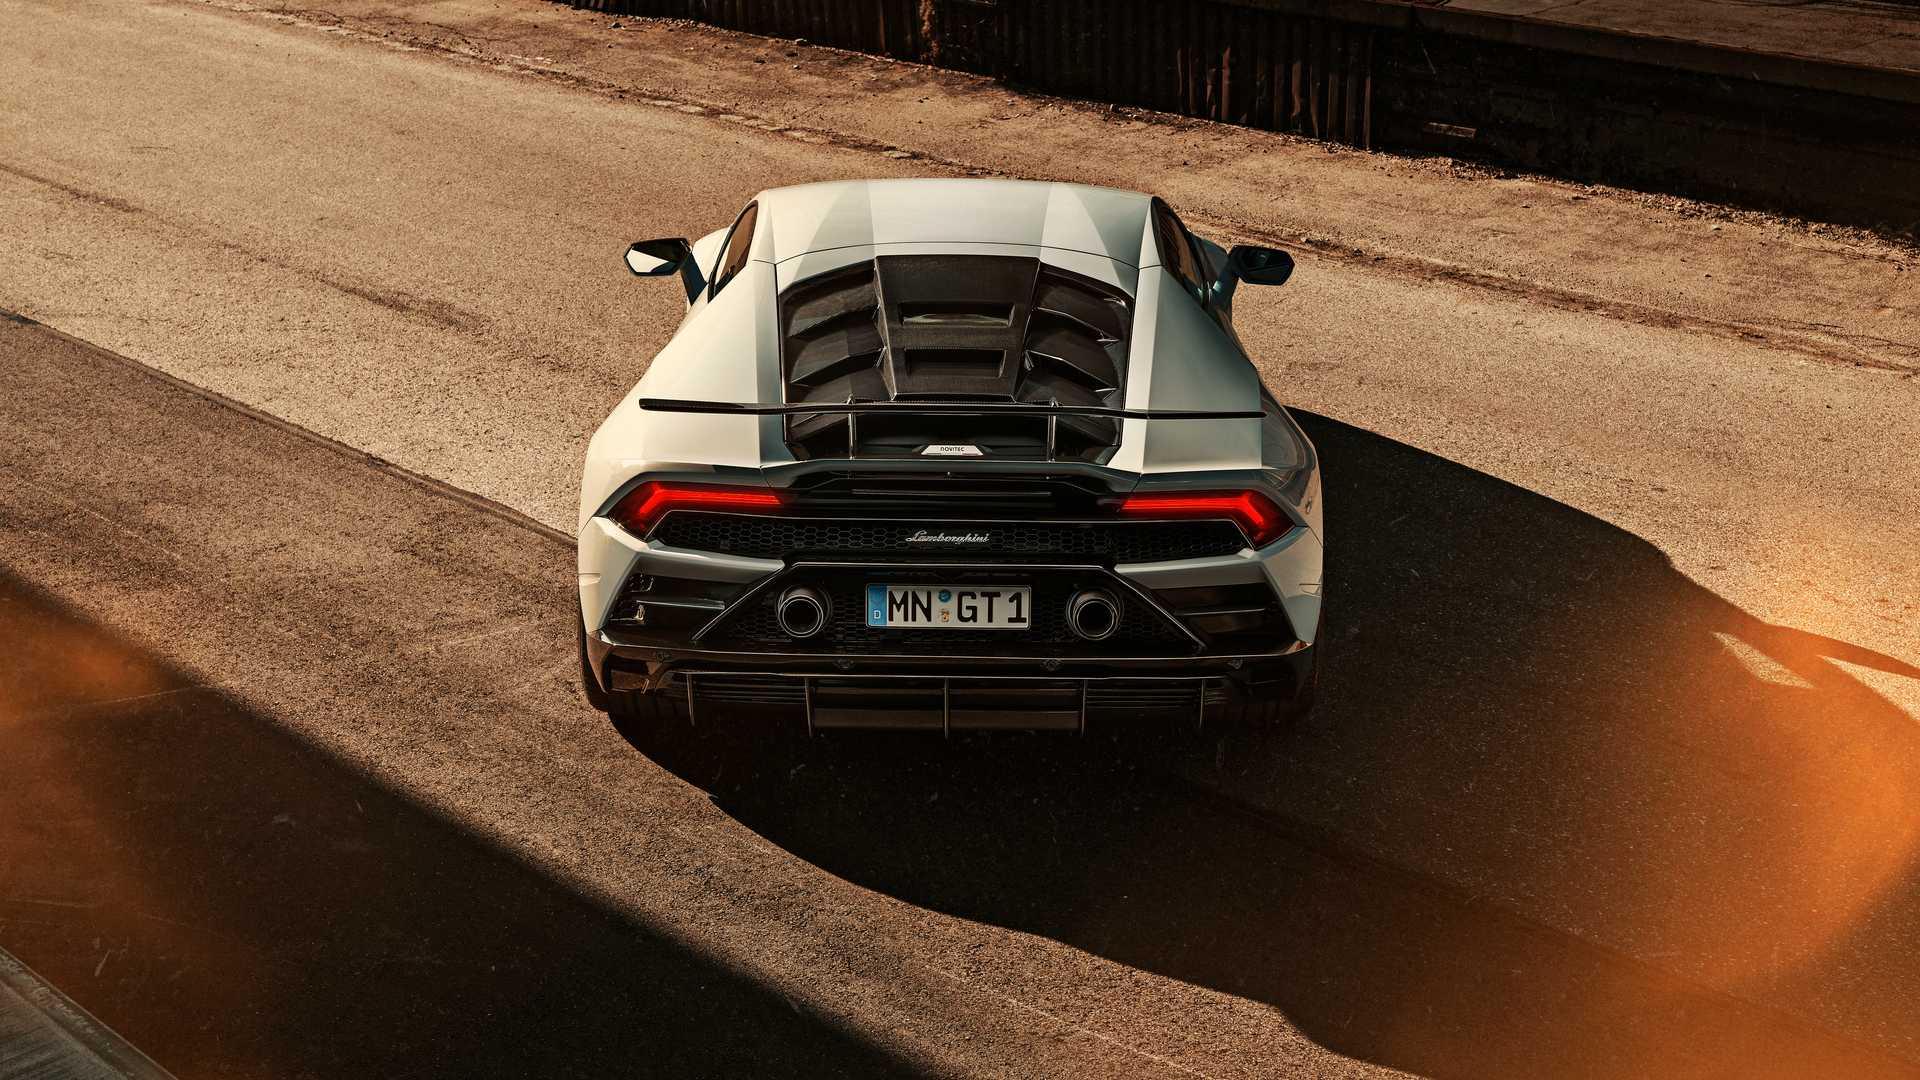 Lamborghini_Huracan_Evo_by_Novitec_0008